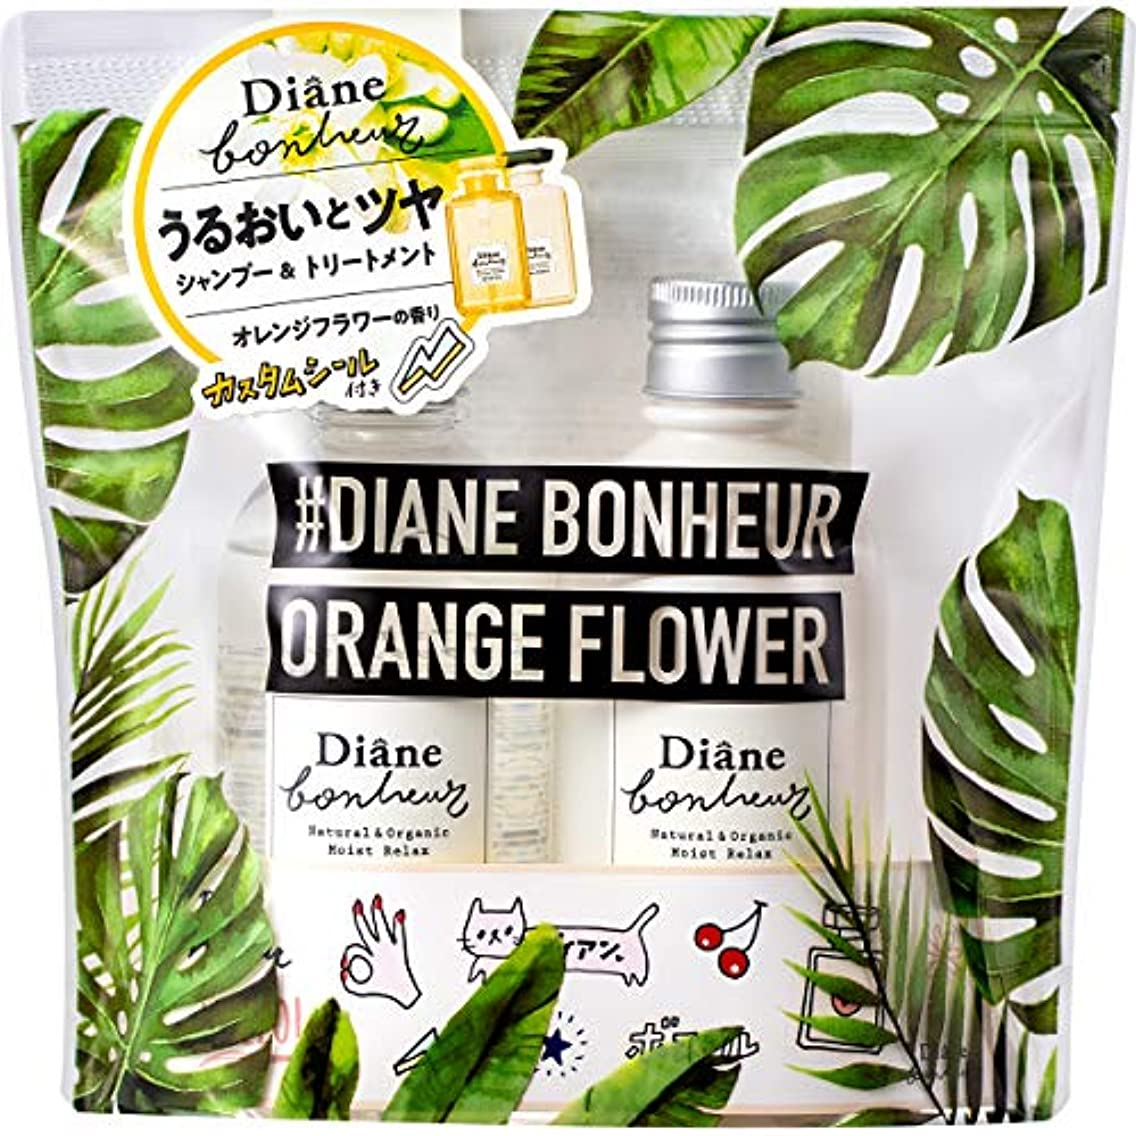 区別するアノイ酸っぱいダイアン ボヌール シャンプー&トリートメント セット OrangeFlower 200mlボトル ポーチ付